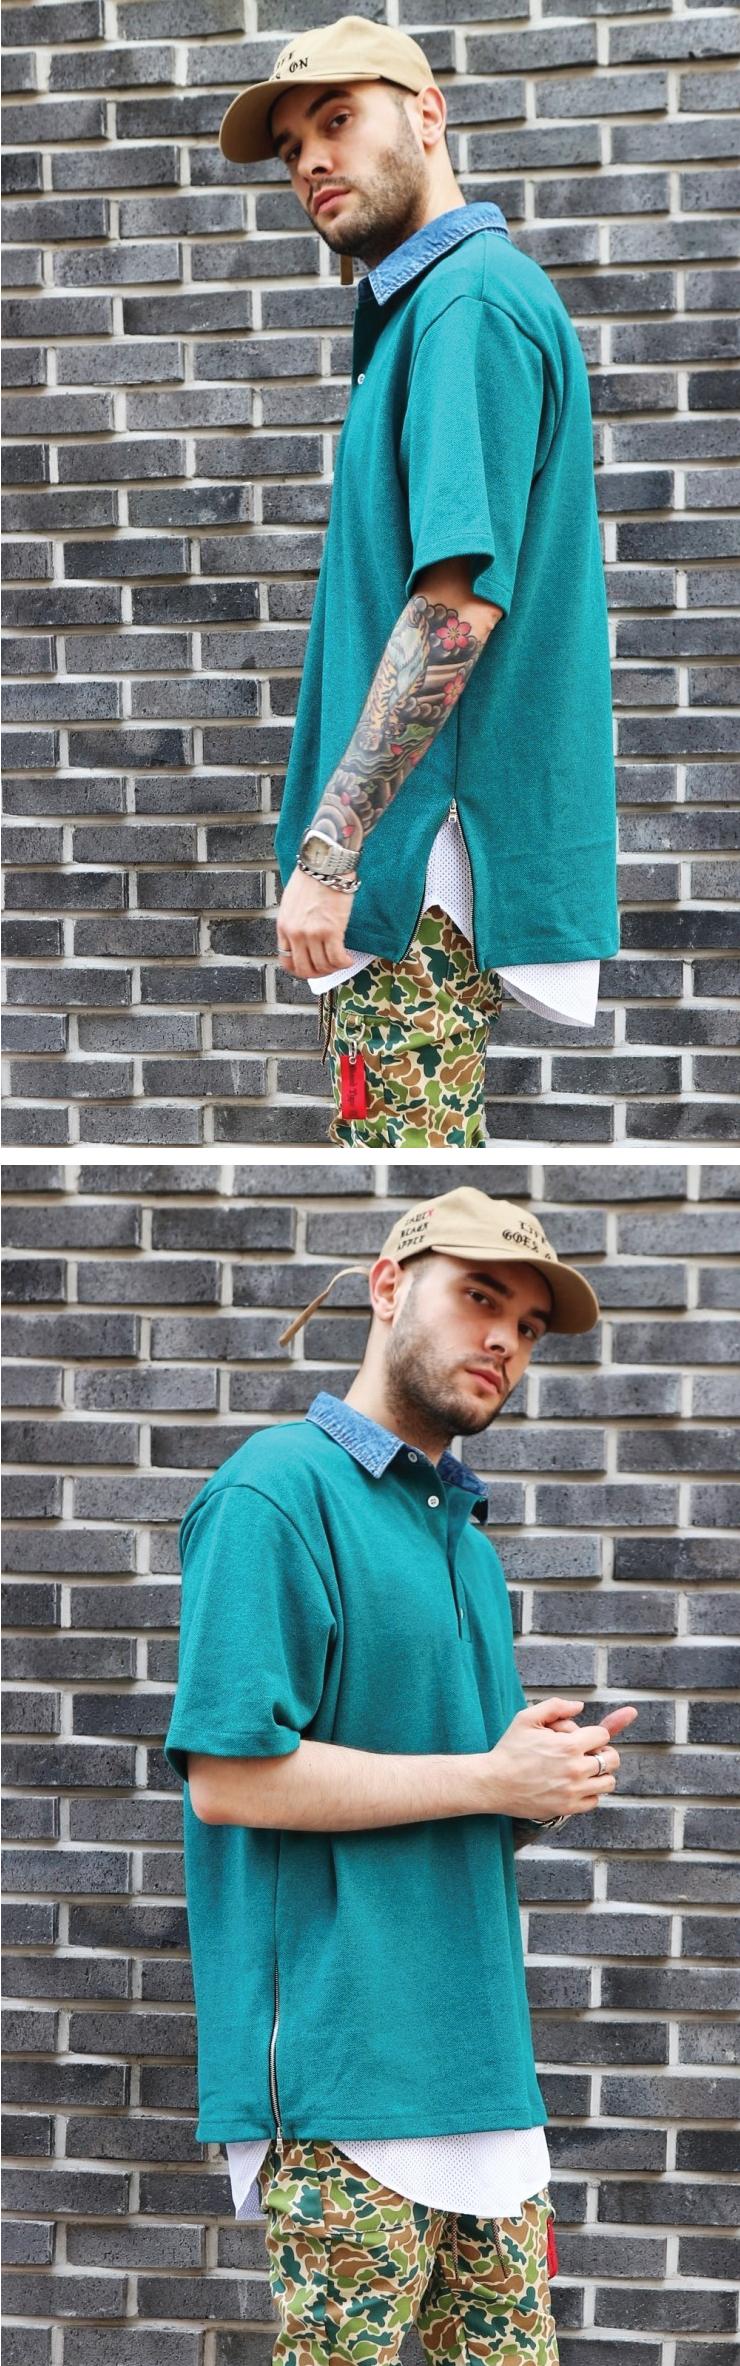 (단독가)라울 LAUL DENIM COLLAR PIQUE SHIRTS EMERALD 라울 데님카라 피케셔츠 솔리드 에메랄드